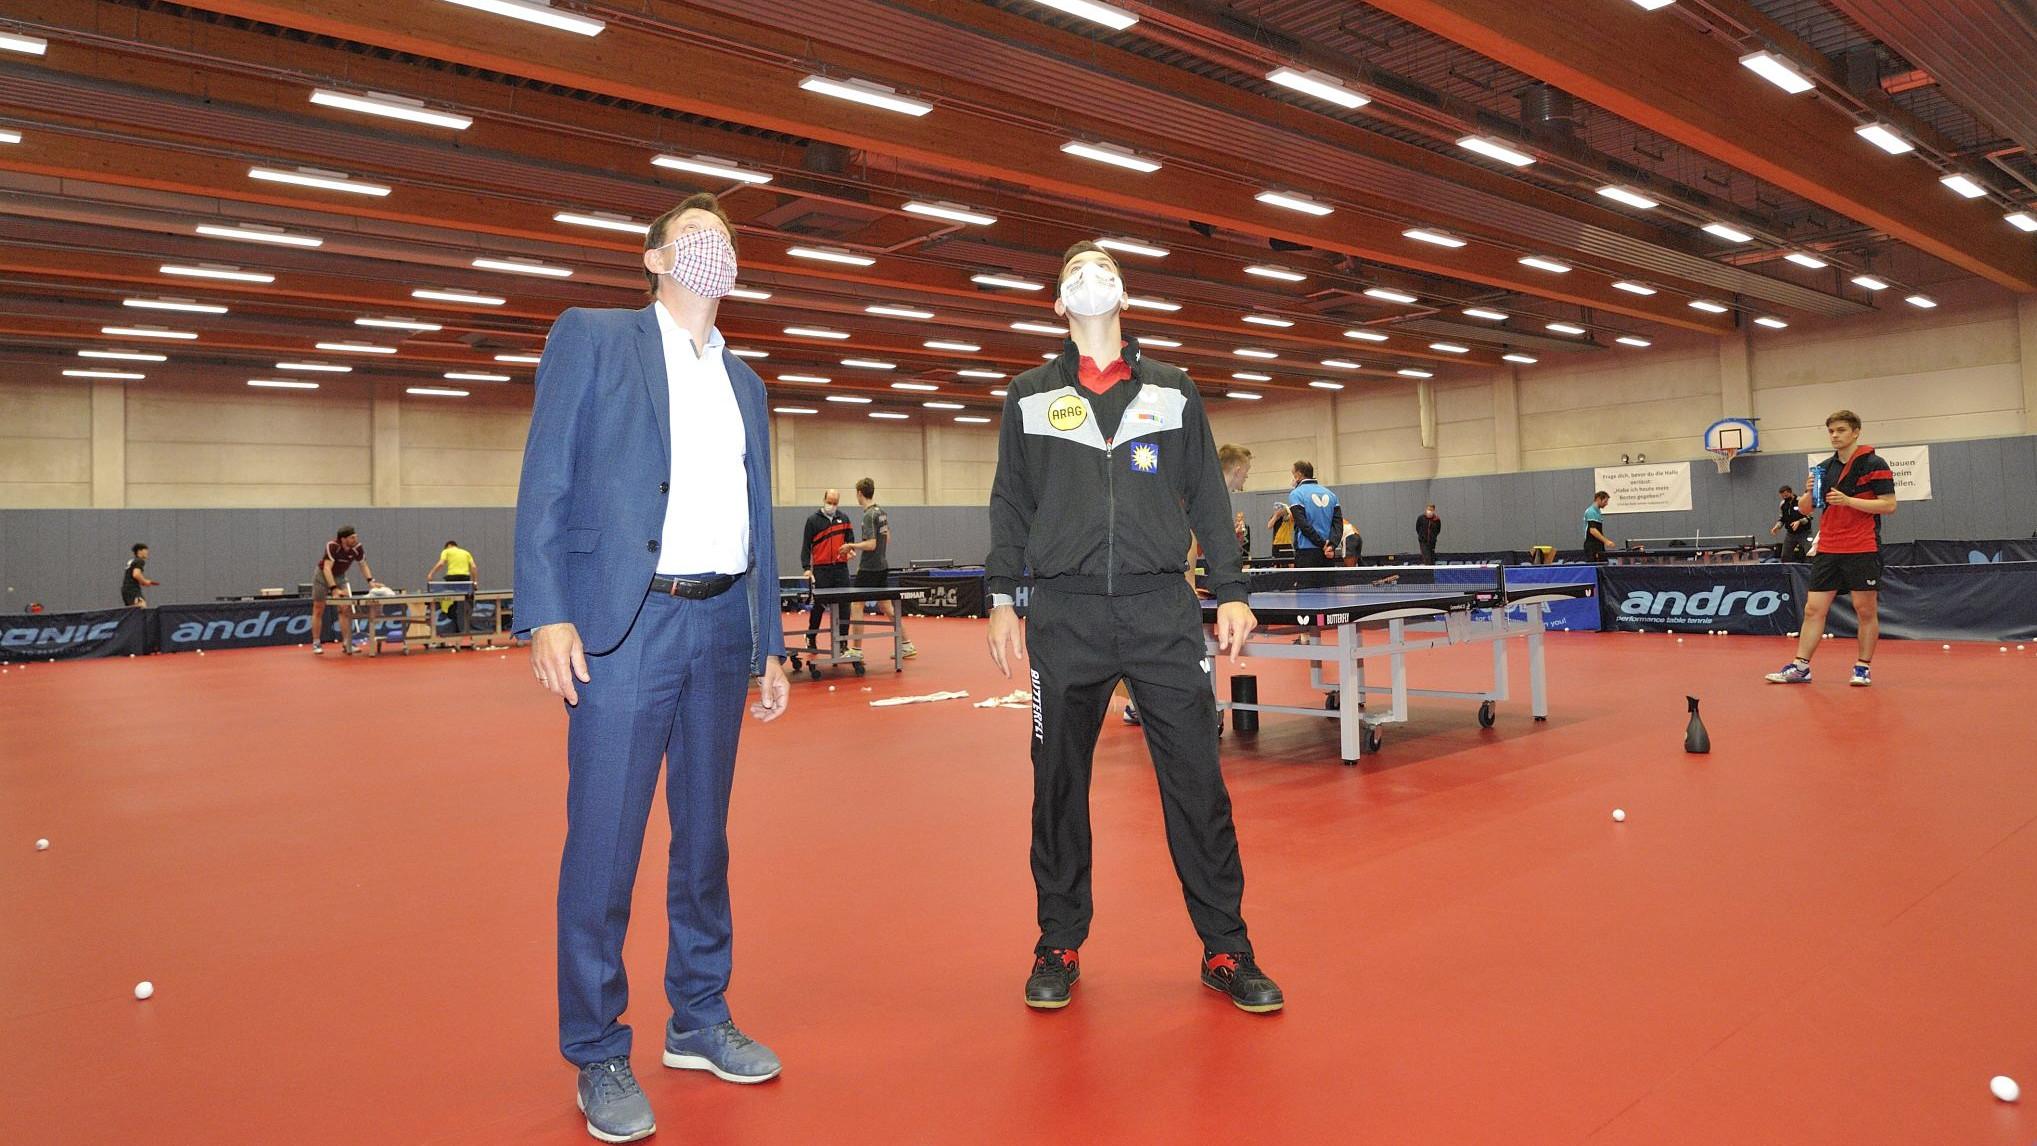 Neue LED-Lampen Für Das Deutsche Tischtennis-Zentrum